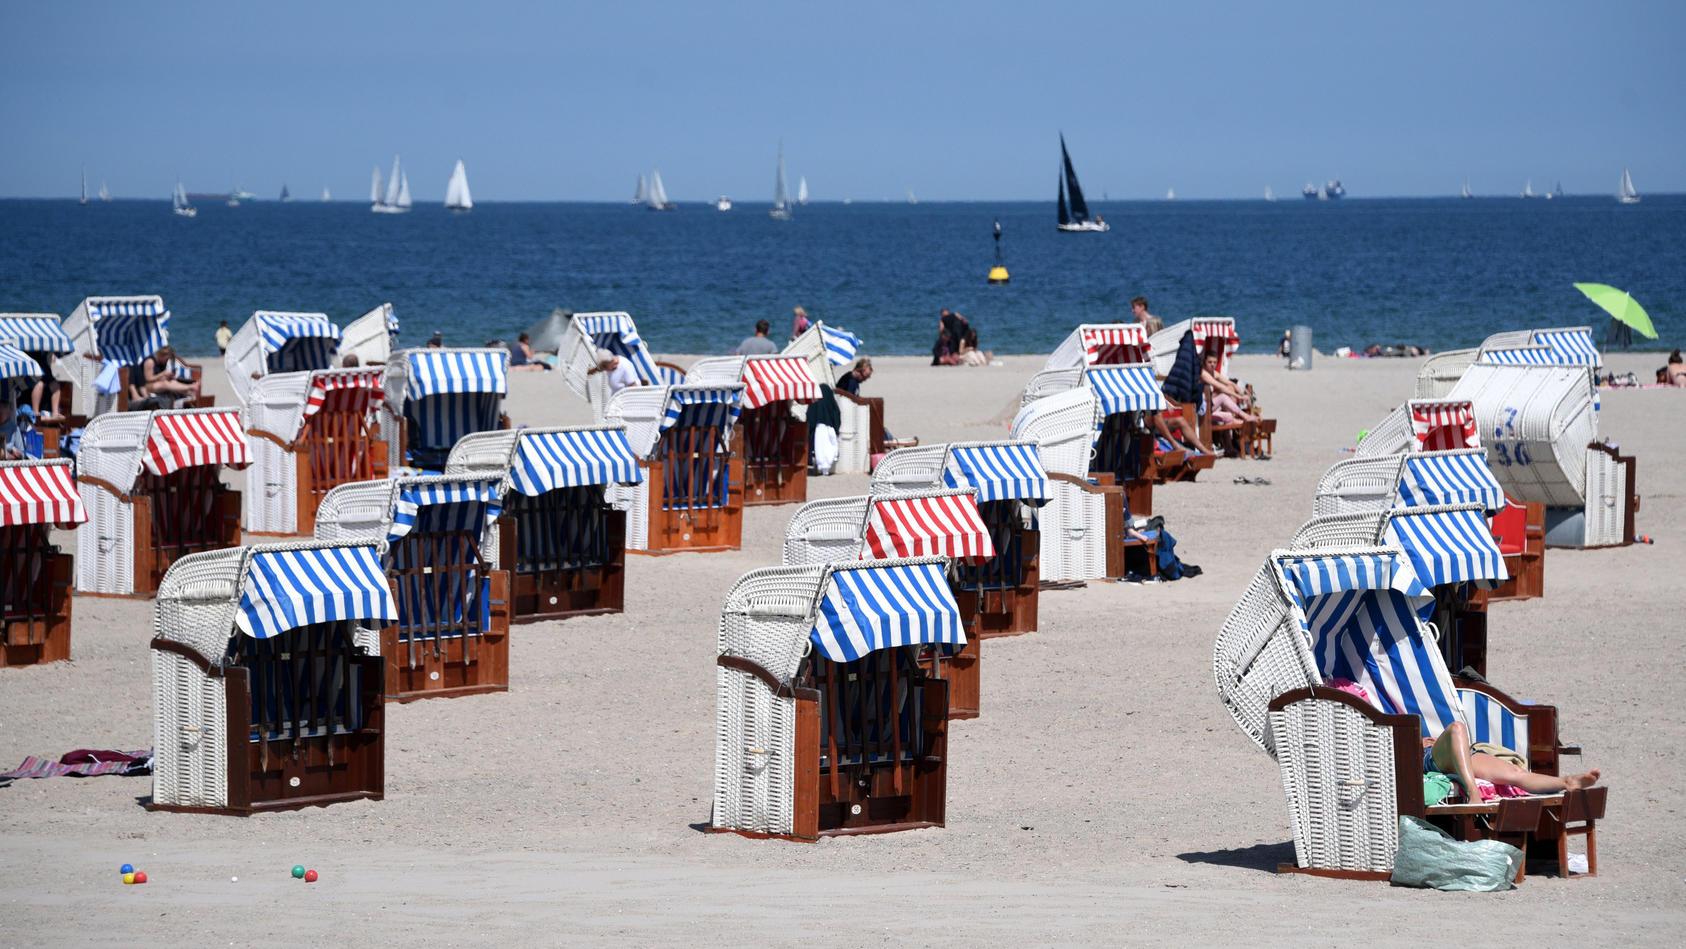 Am Ostseestrand Lübeck-Travemünde stehen die Strandkörbe weit auseinander.